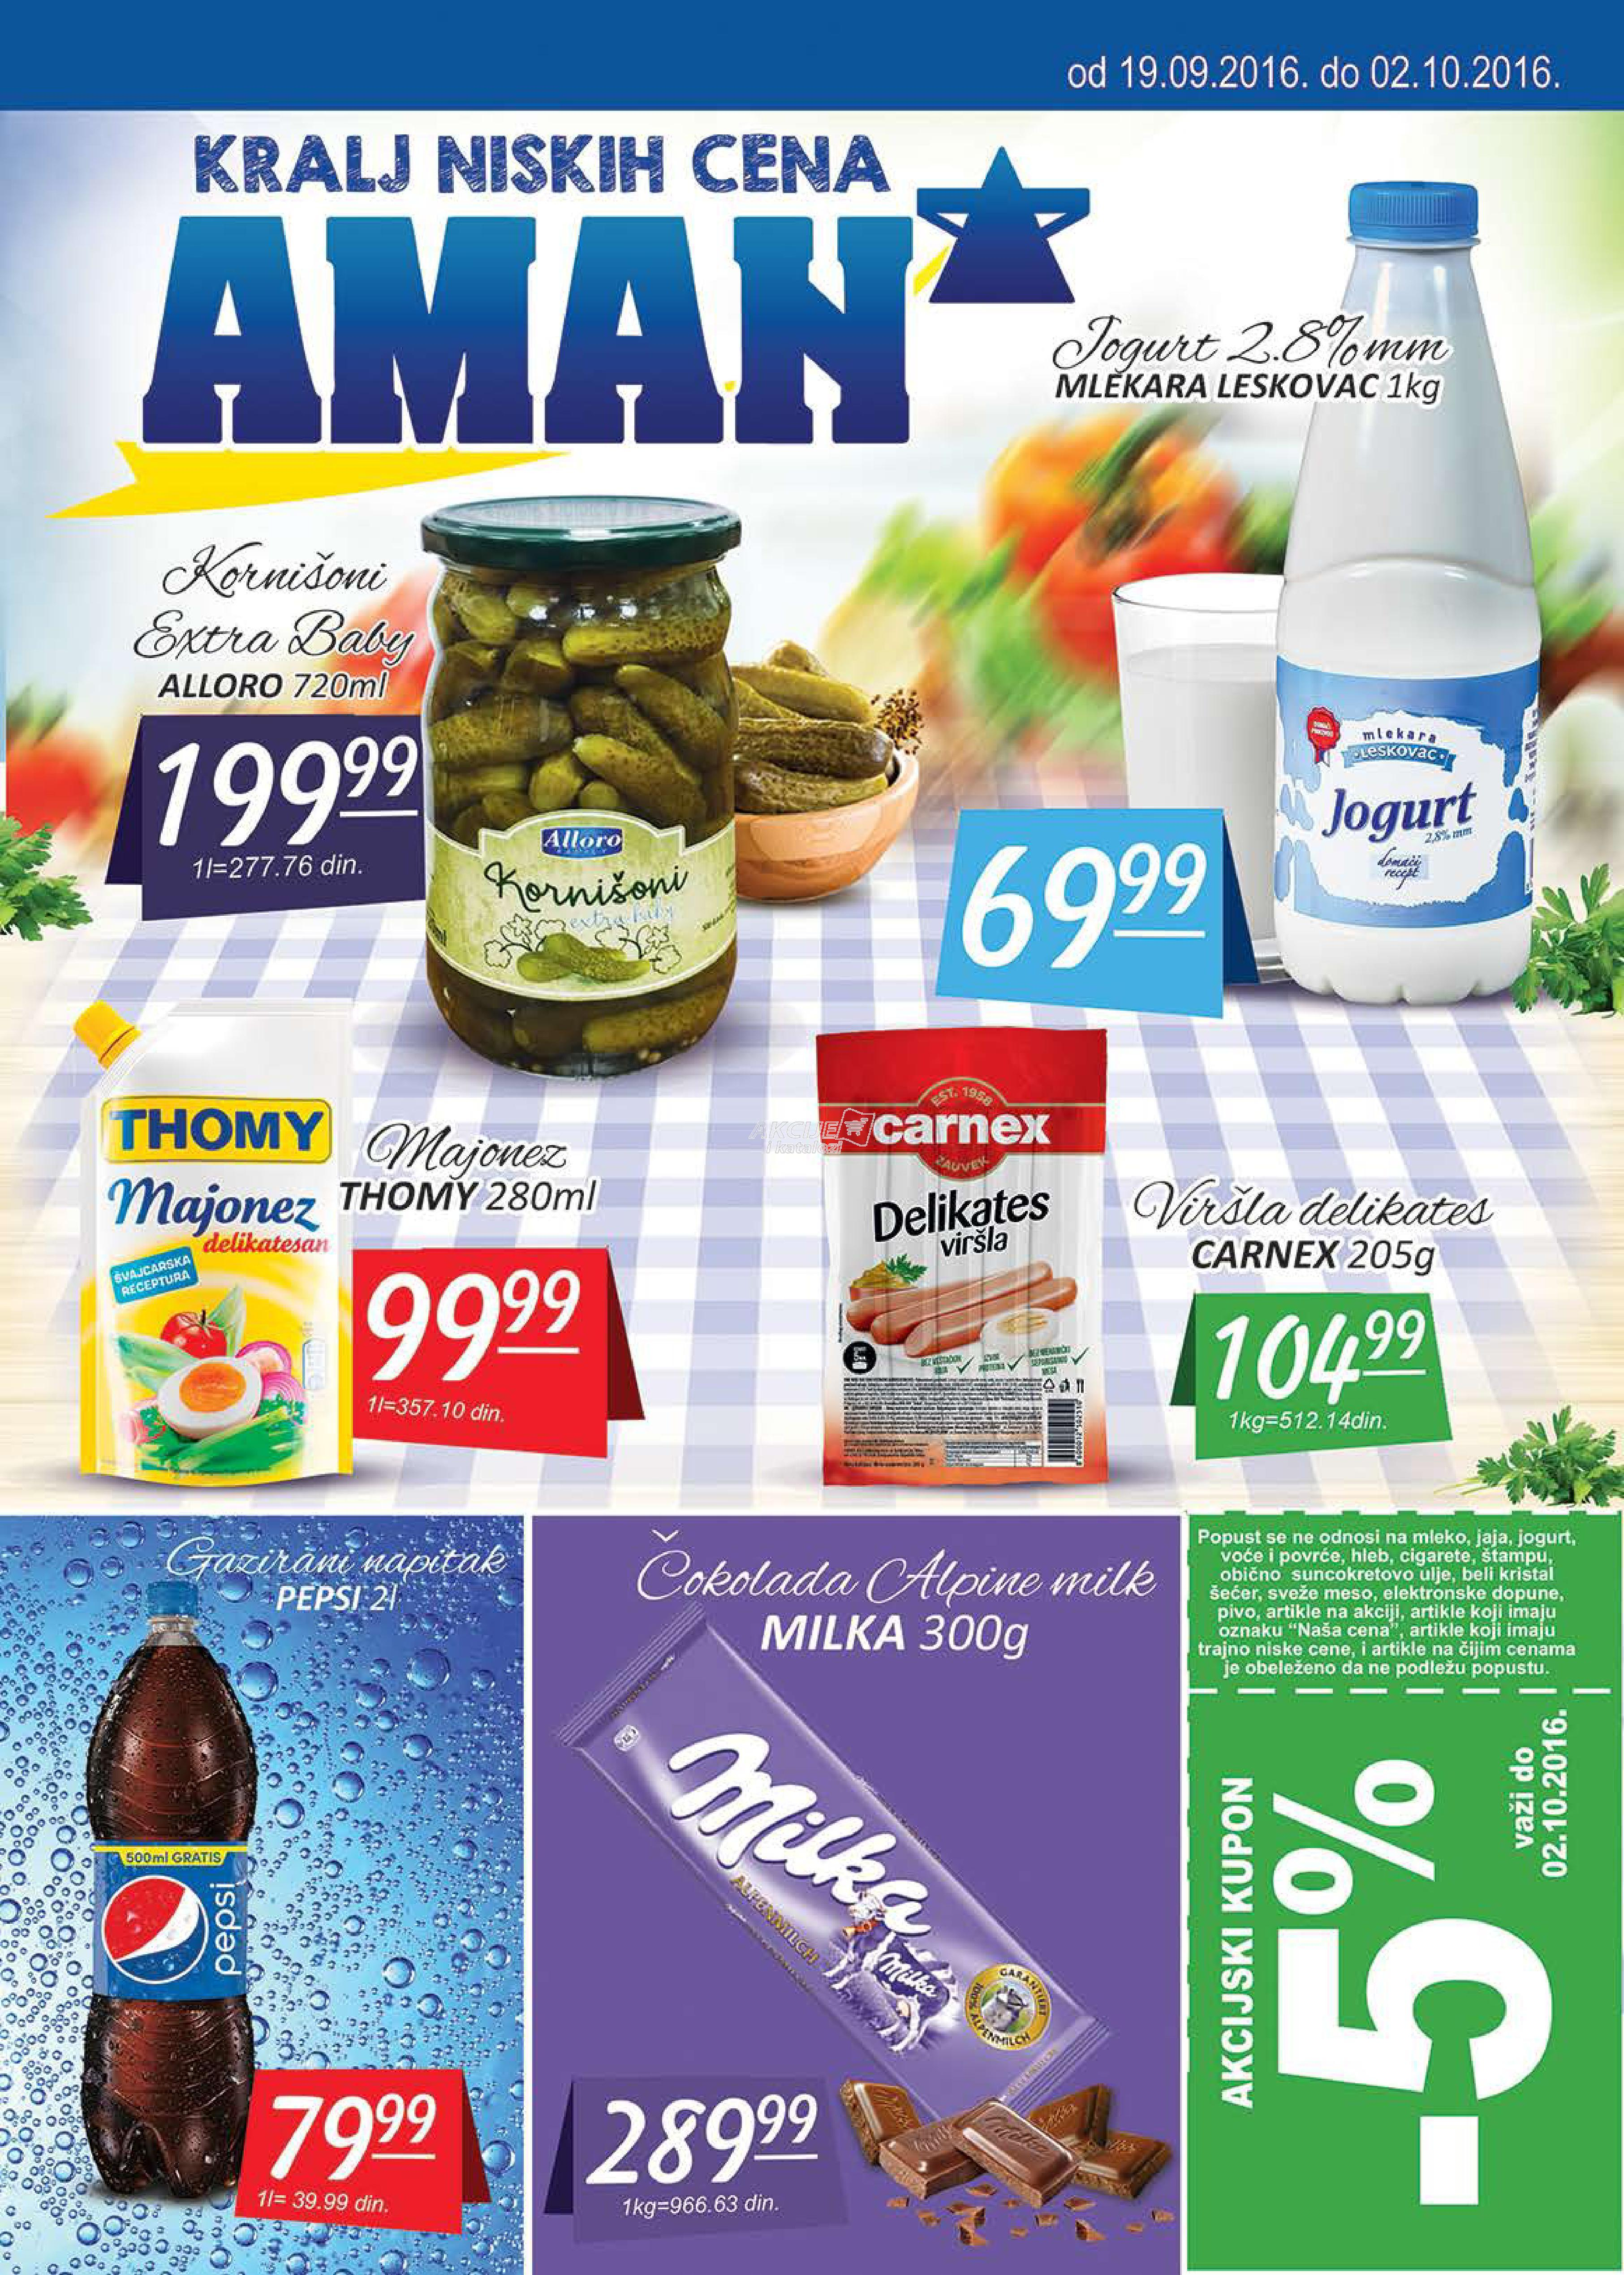 Aman - Redovna akcija odlične kupovine